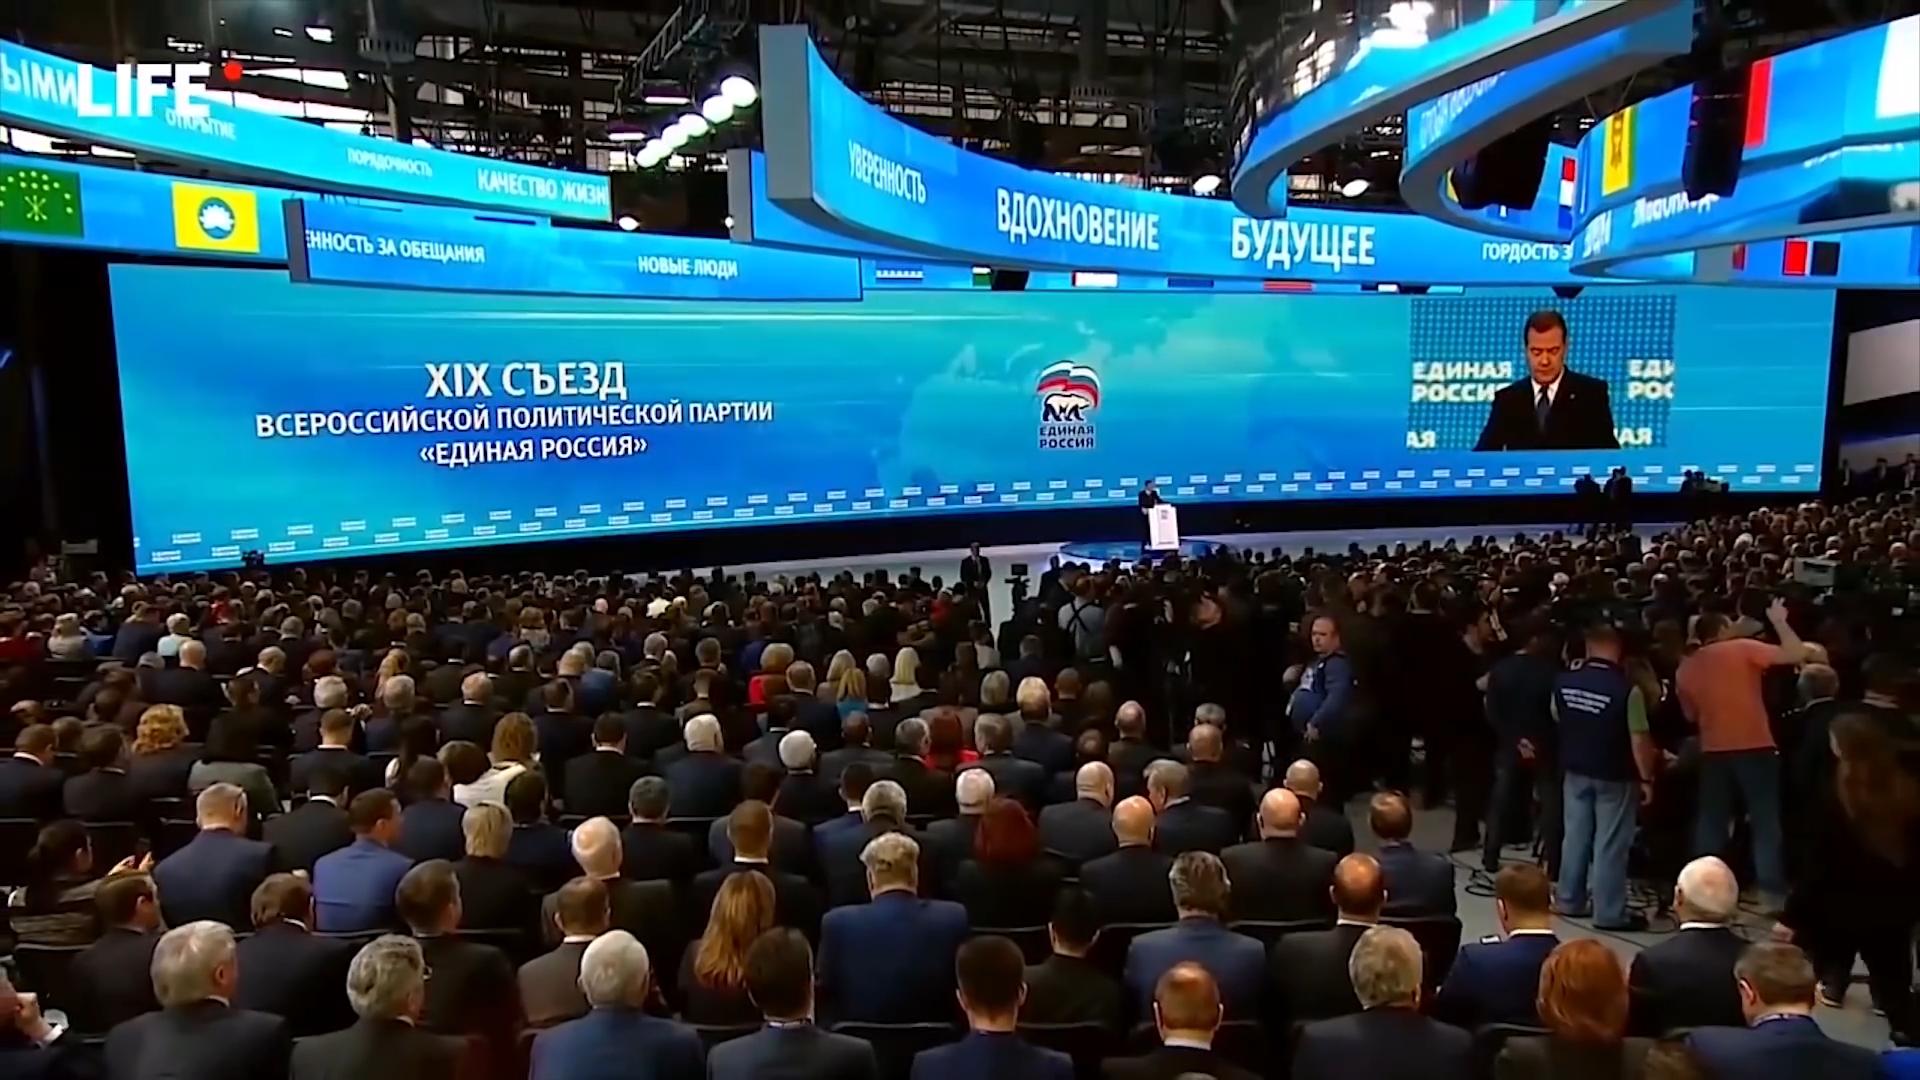 07-Популисты, патриоты и предатели. Все о съезде «Единой России»